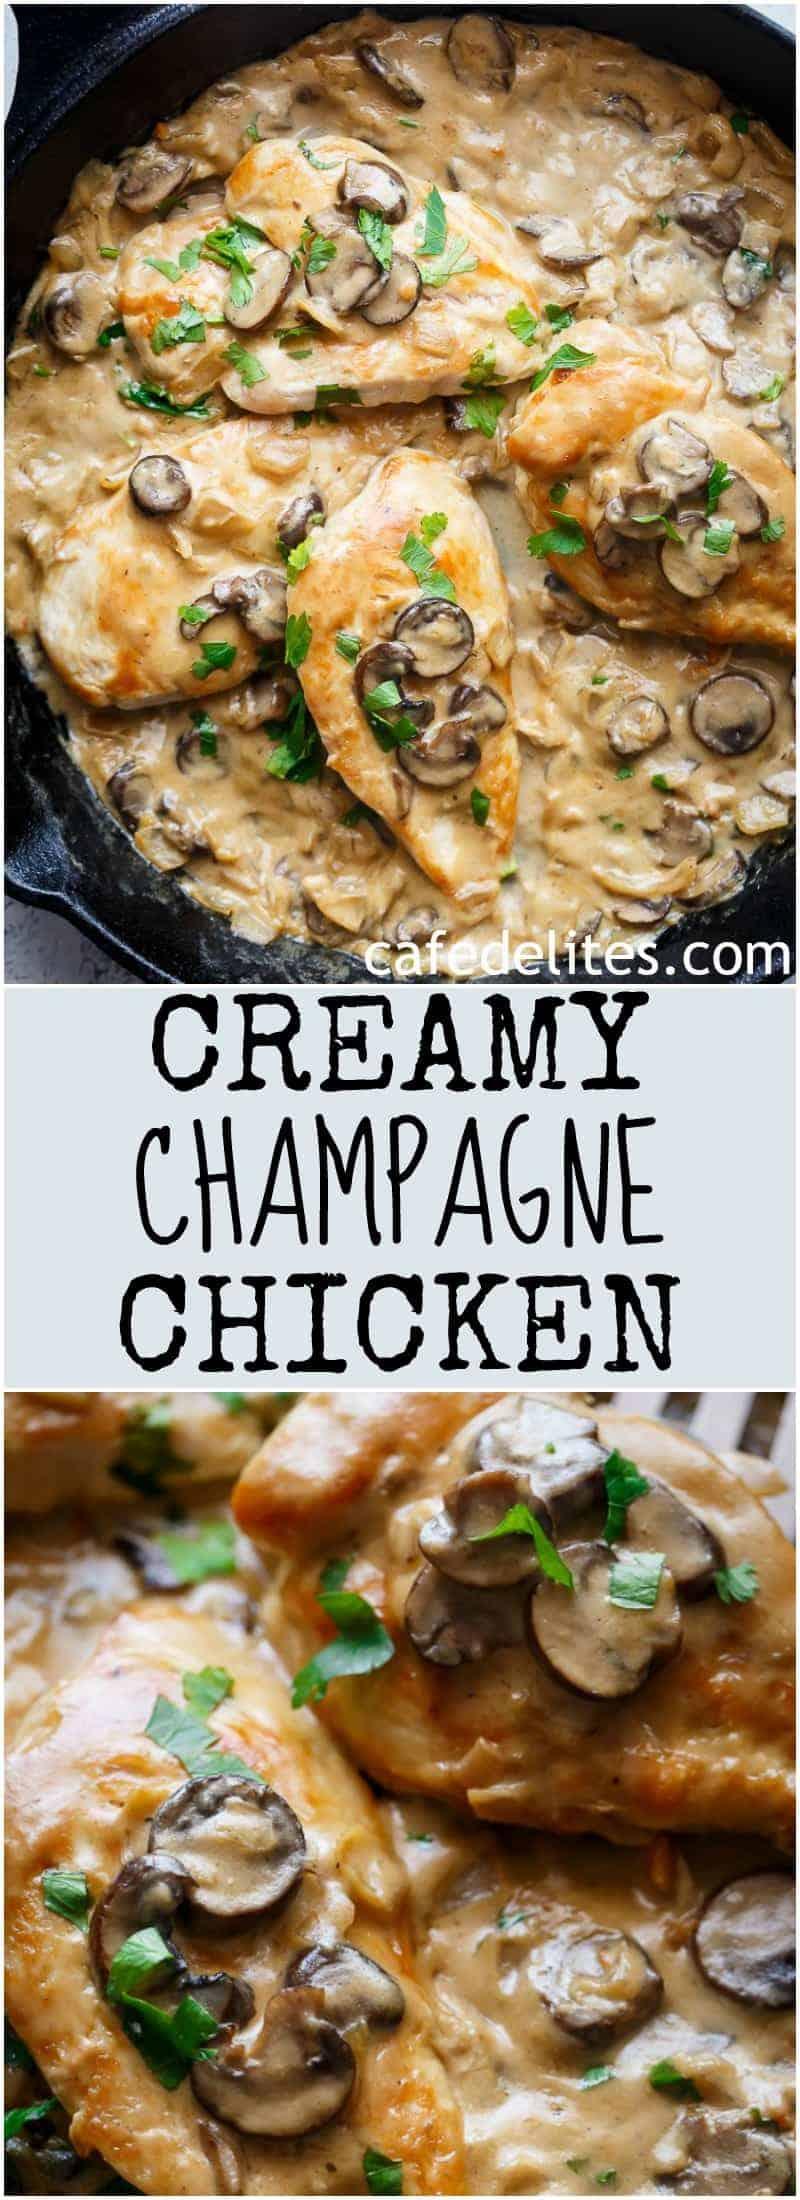 Creamy Champagne Chicken | https://cafedelites.com